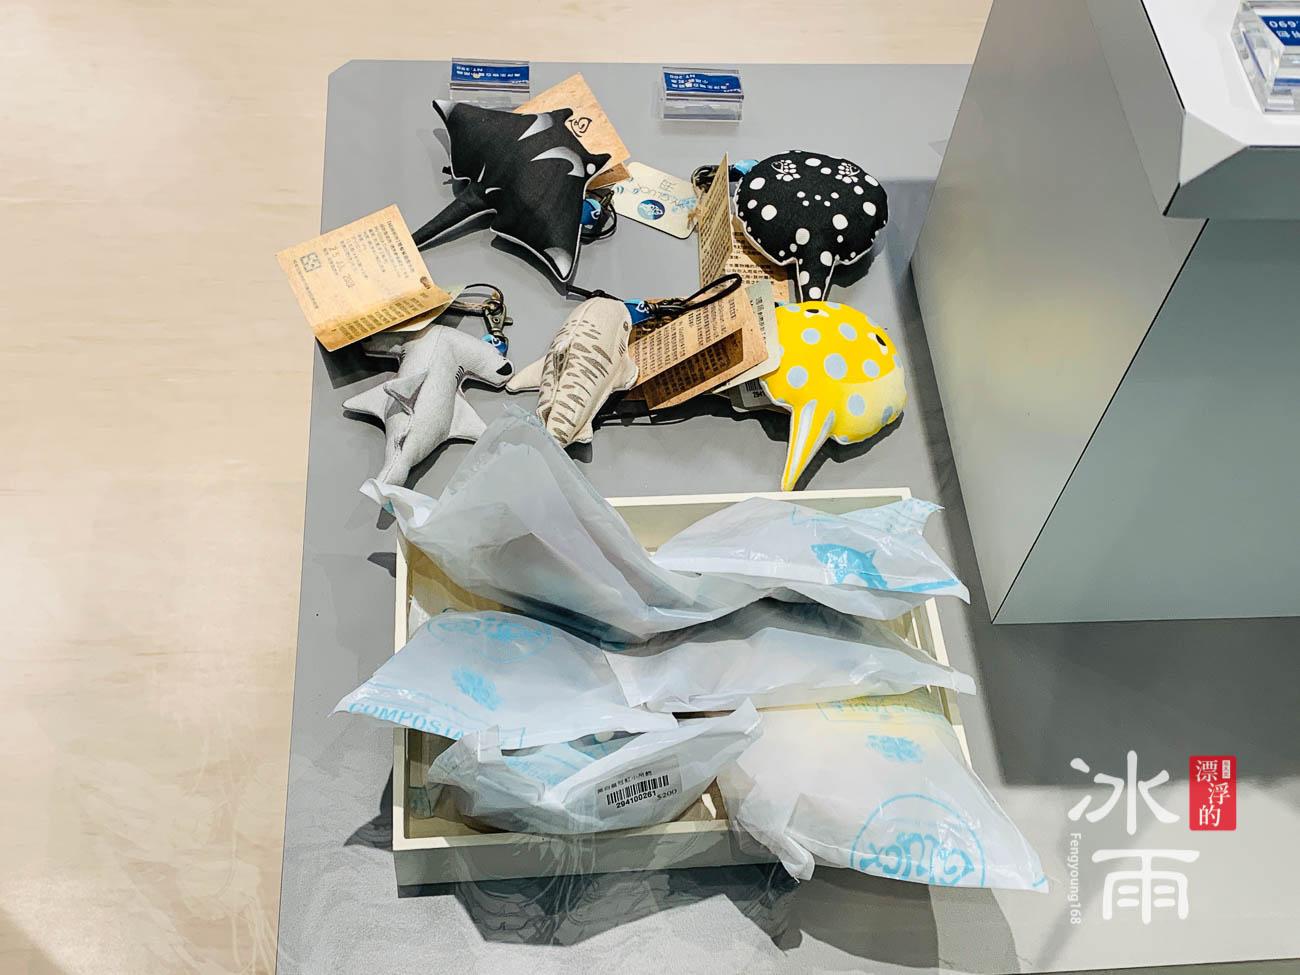 X fun|Xpark水族館禮品專賣店裡面有很多很可愛的小吊飾